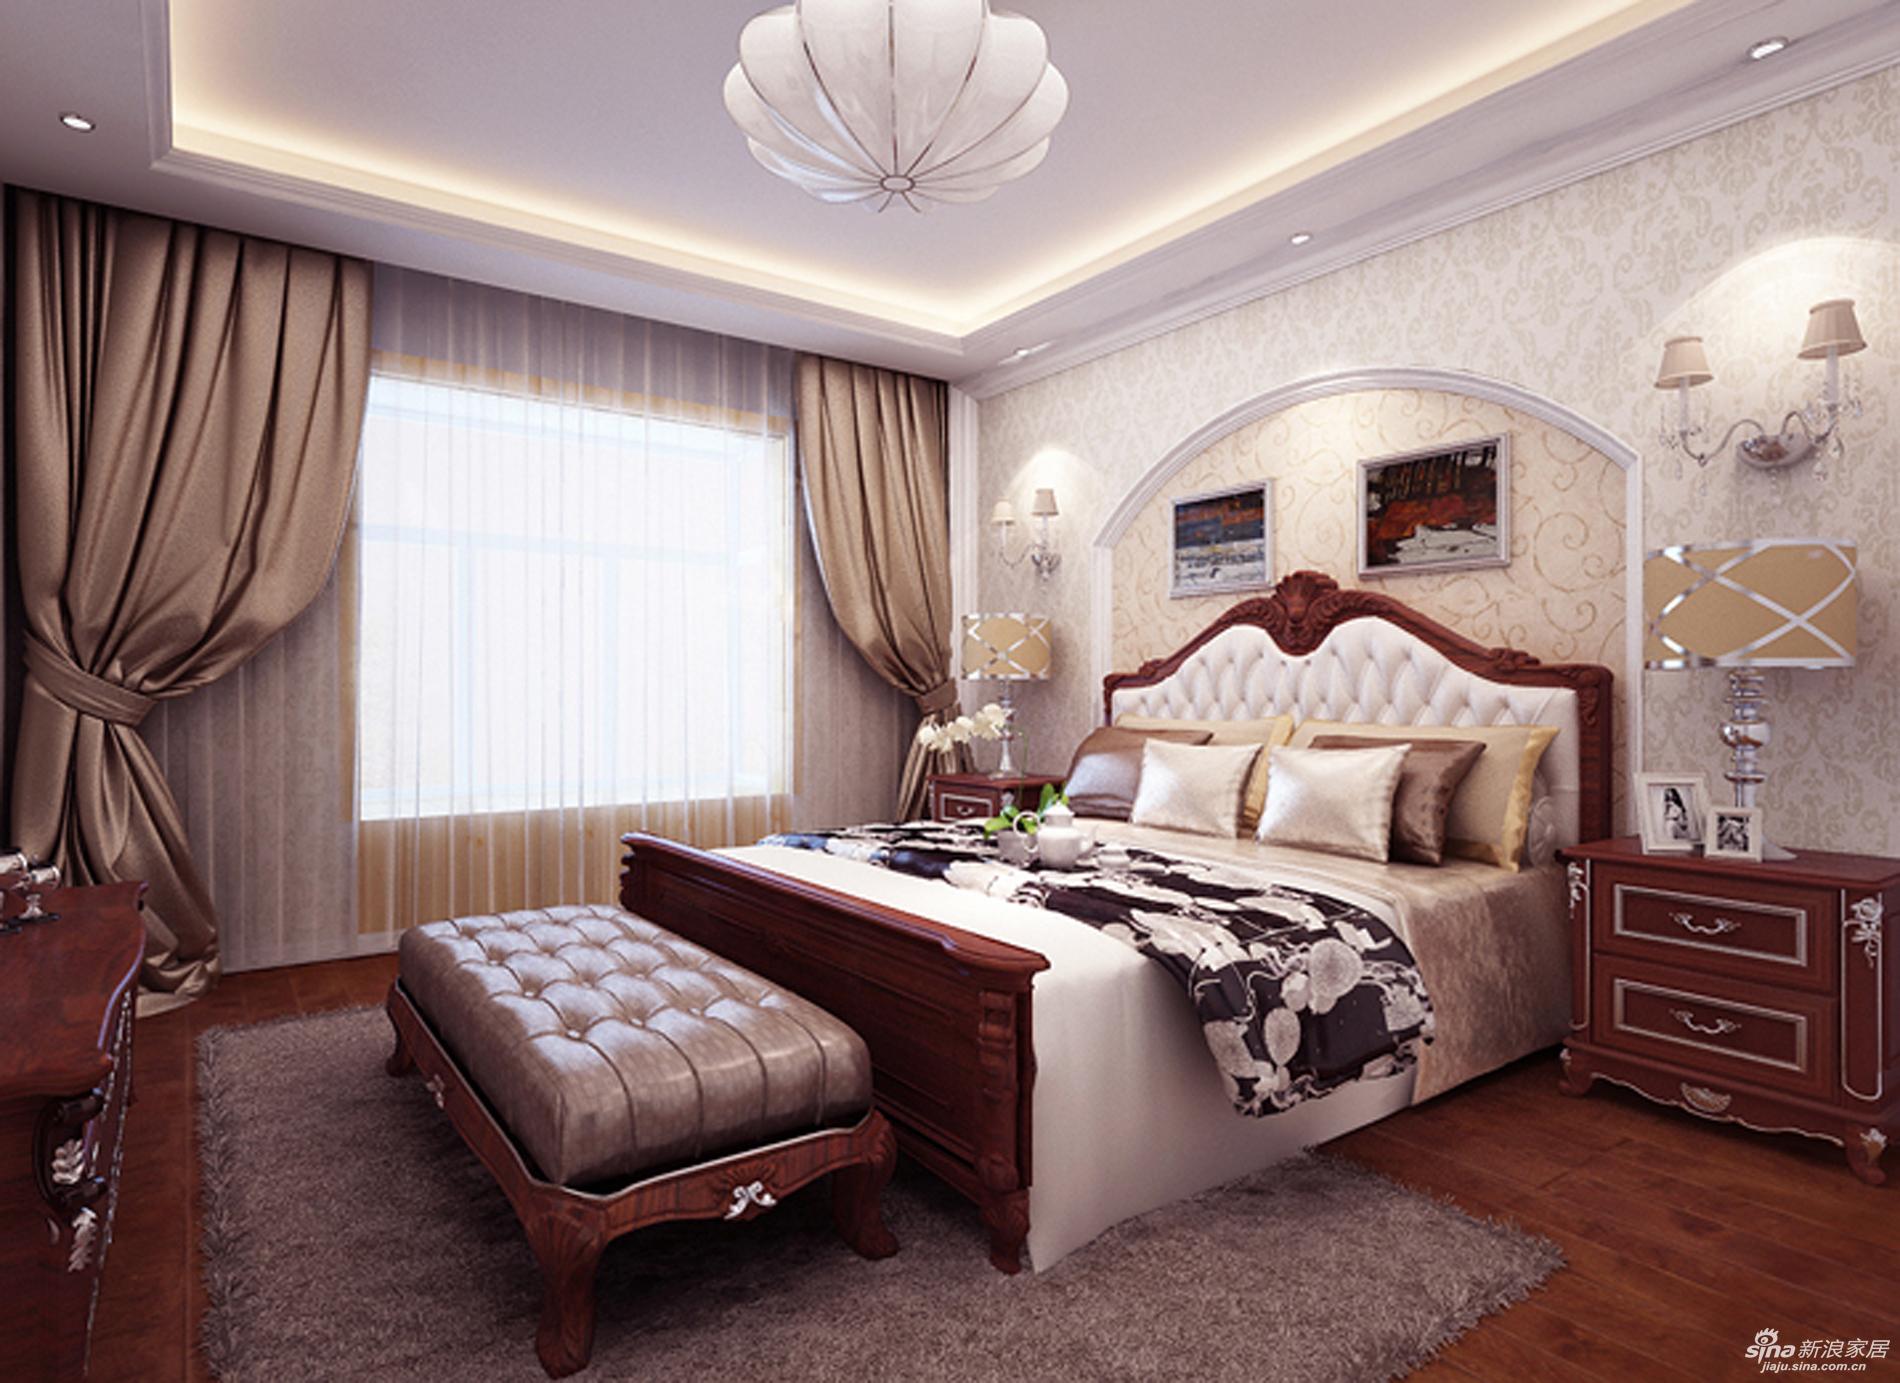 【卧式的床头背景墙为了呼应美式的主题.用白色石膏板图片